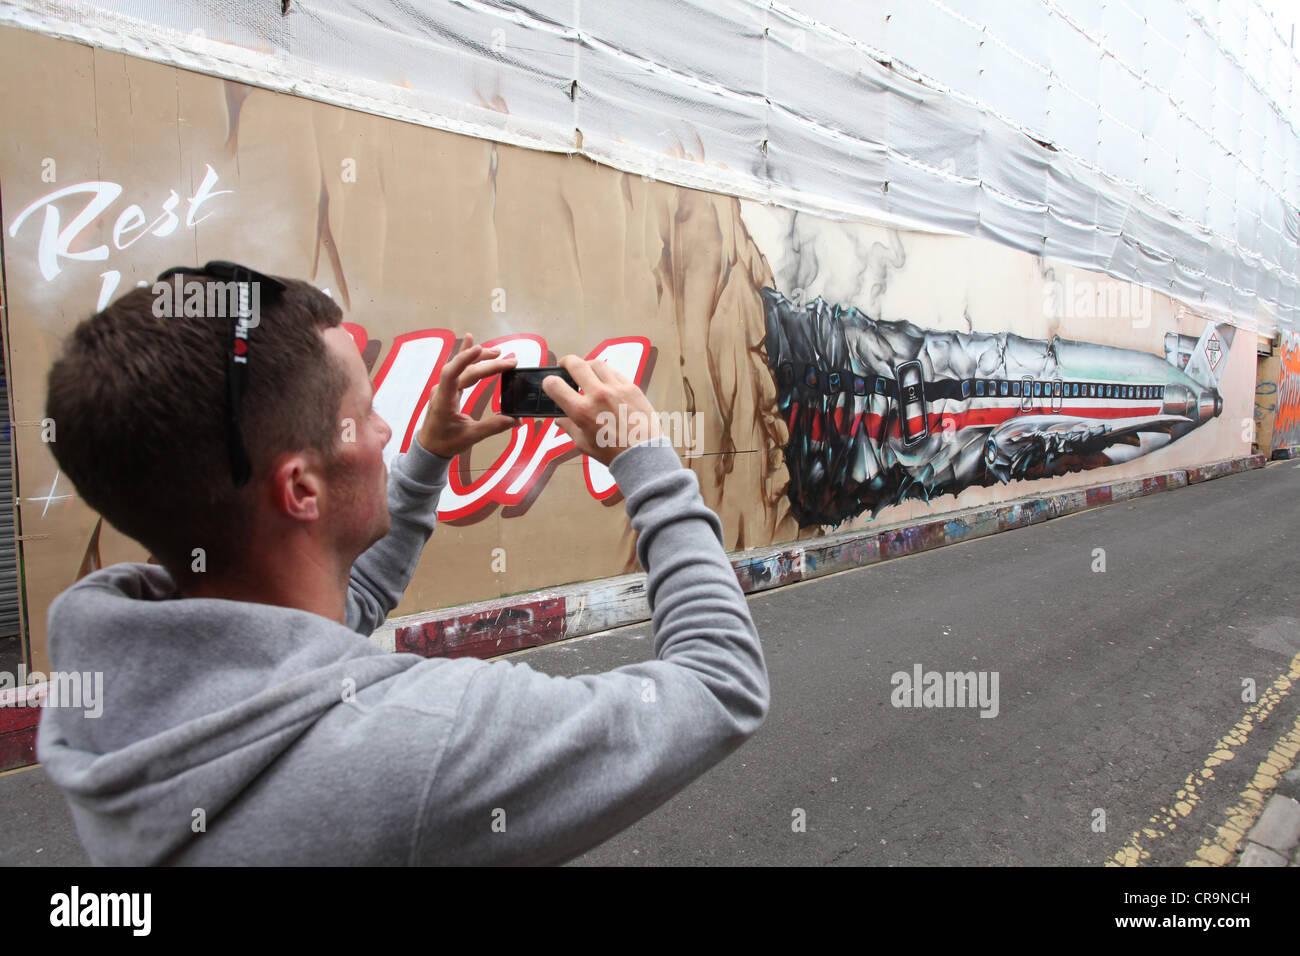 Graffiti-Hommage an Beastie Boy Adam Yauch, im Alter von bekannt als MCA verstorbenen 47 am 4. Mai 2012. Stockfoto